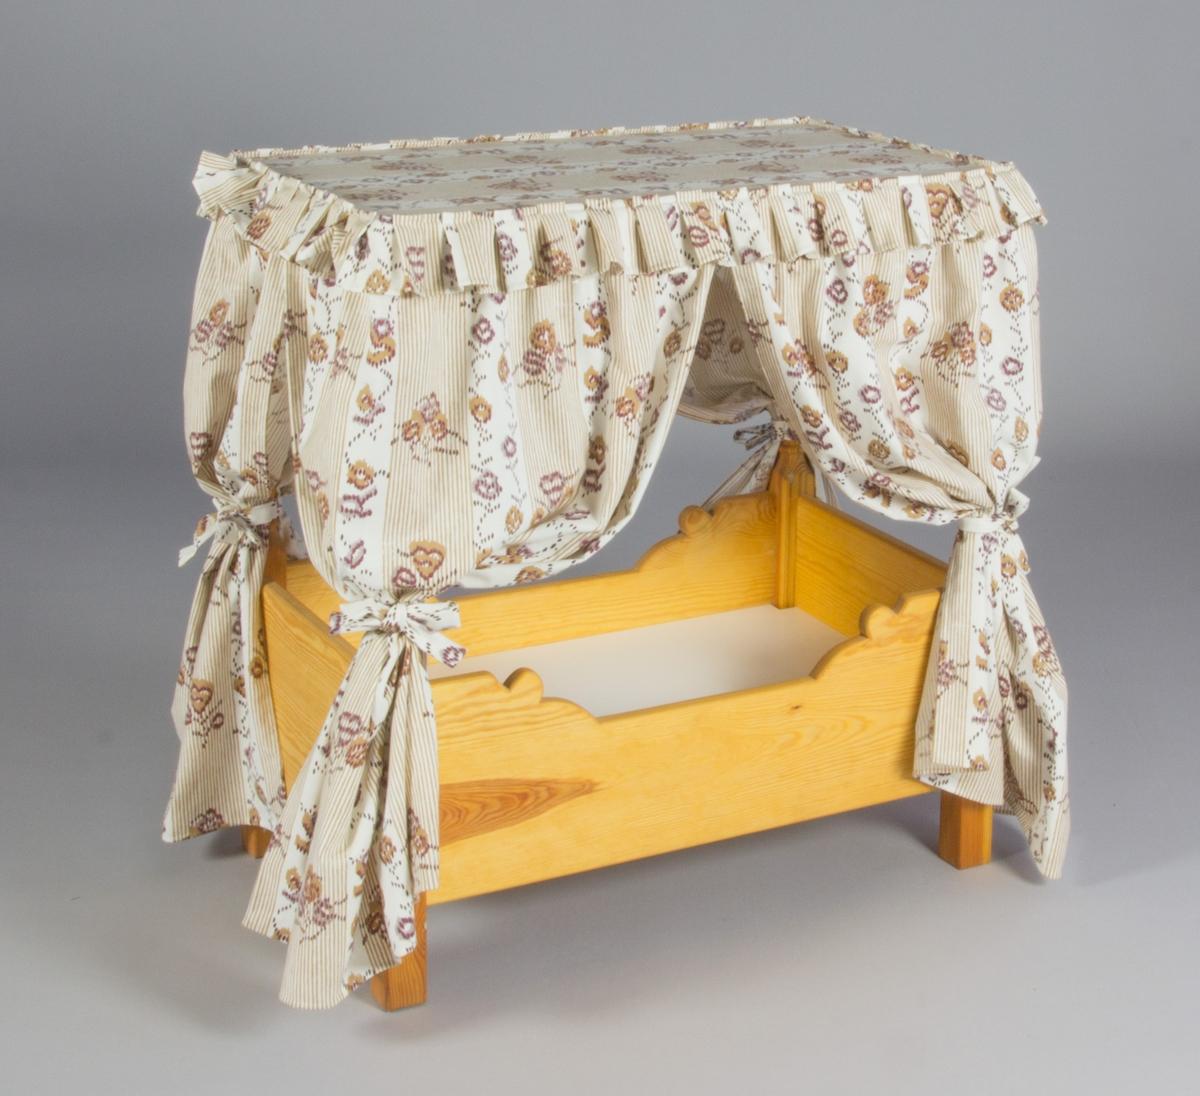 Sängklädsel till barnsäng  Tillverkad av vitt bomullstyg med tryckt mönster i mörkrött, strödda blombuketter av olika slag. Modell där främre och bakre förhänge är formsydda och fästa i ett överstycke, som vilar  på sängens överstycke. Klädseln är inte fäst vid sängen. Fast monterade omtag på främre förhängen. Veckad volang runt överdeln, kantad med band.